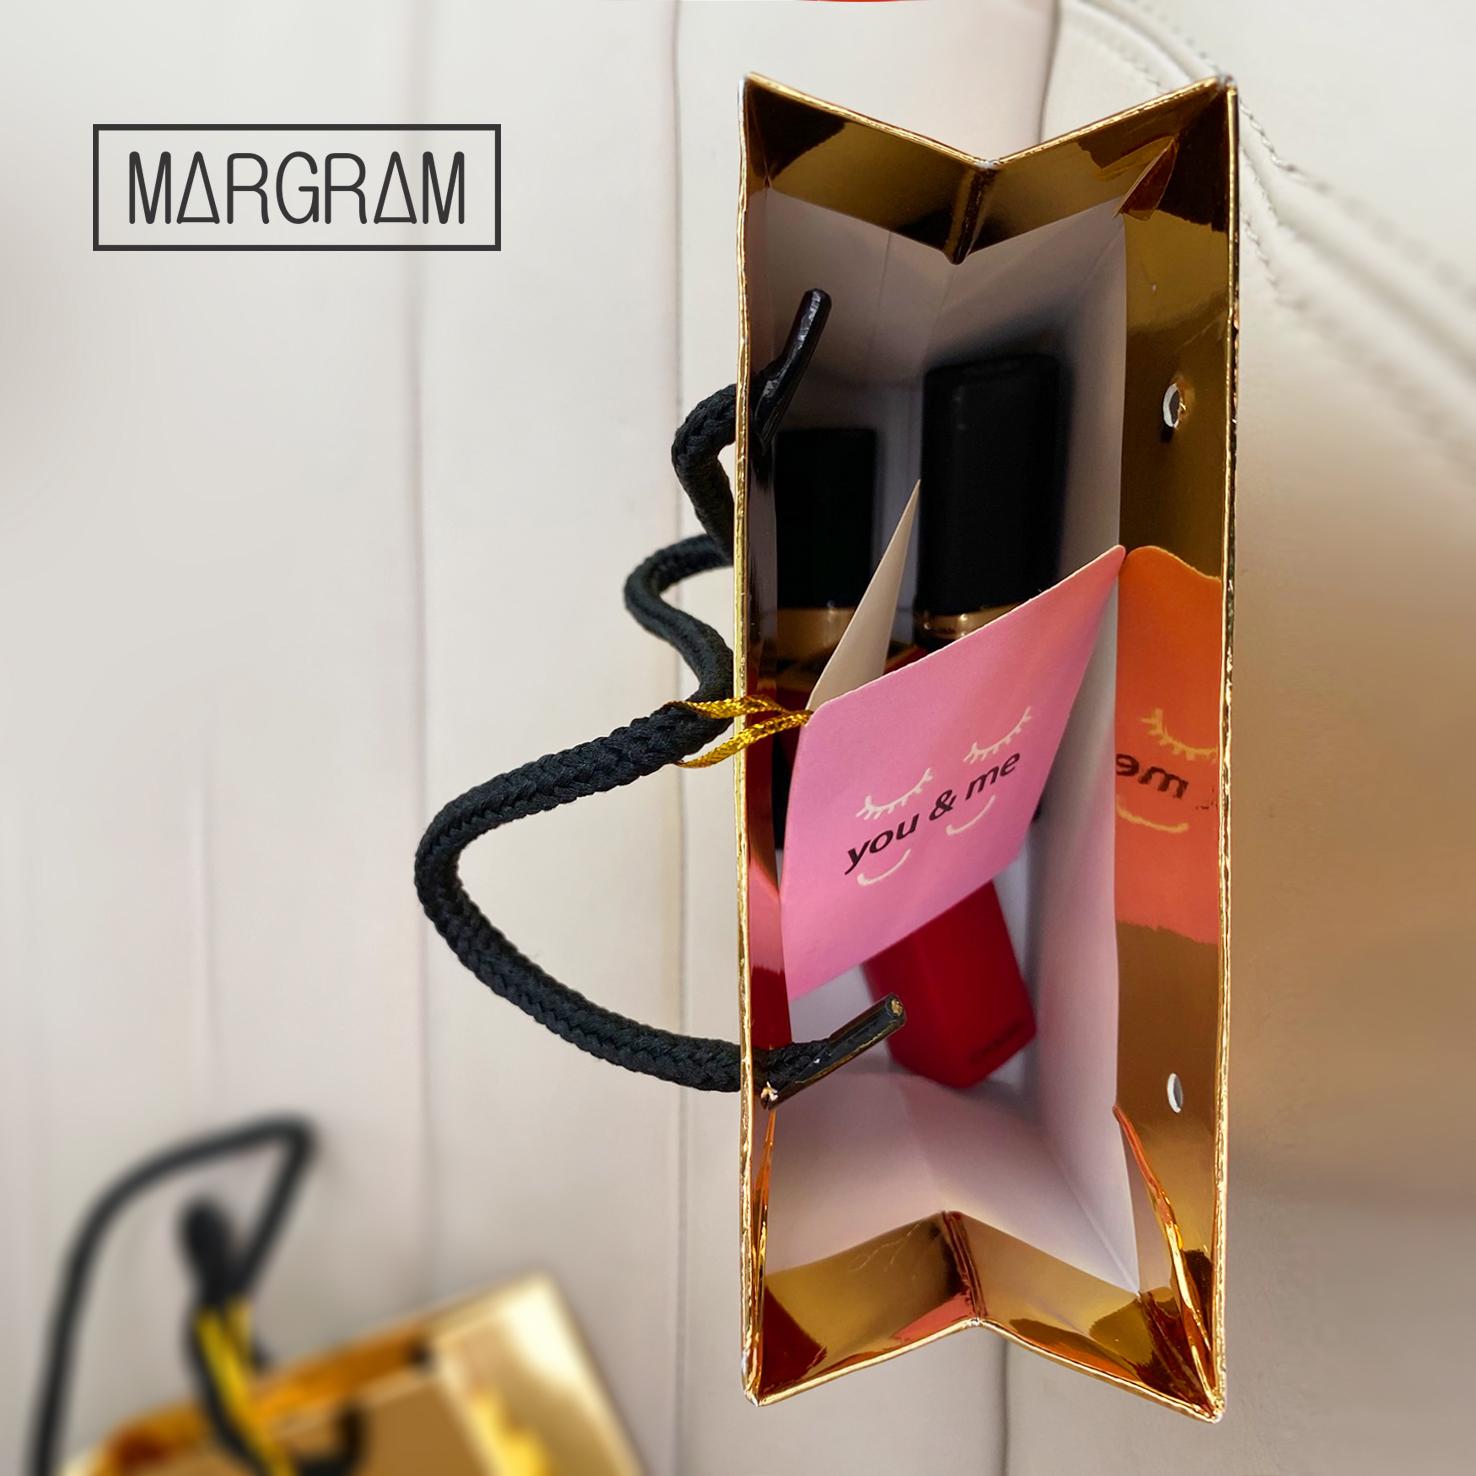 tui-valentine-margram-08